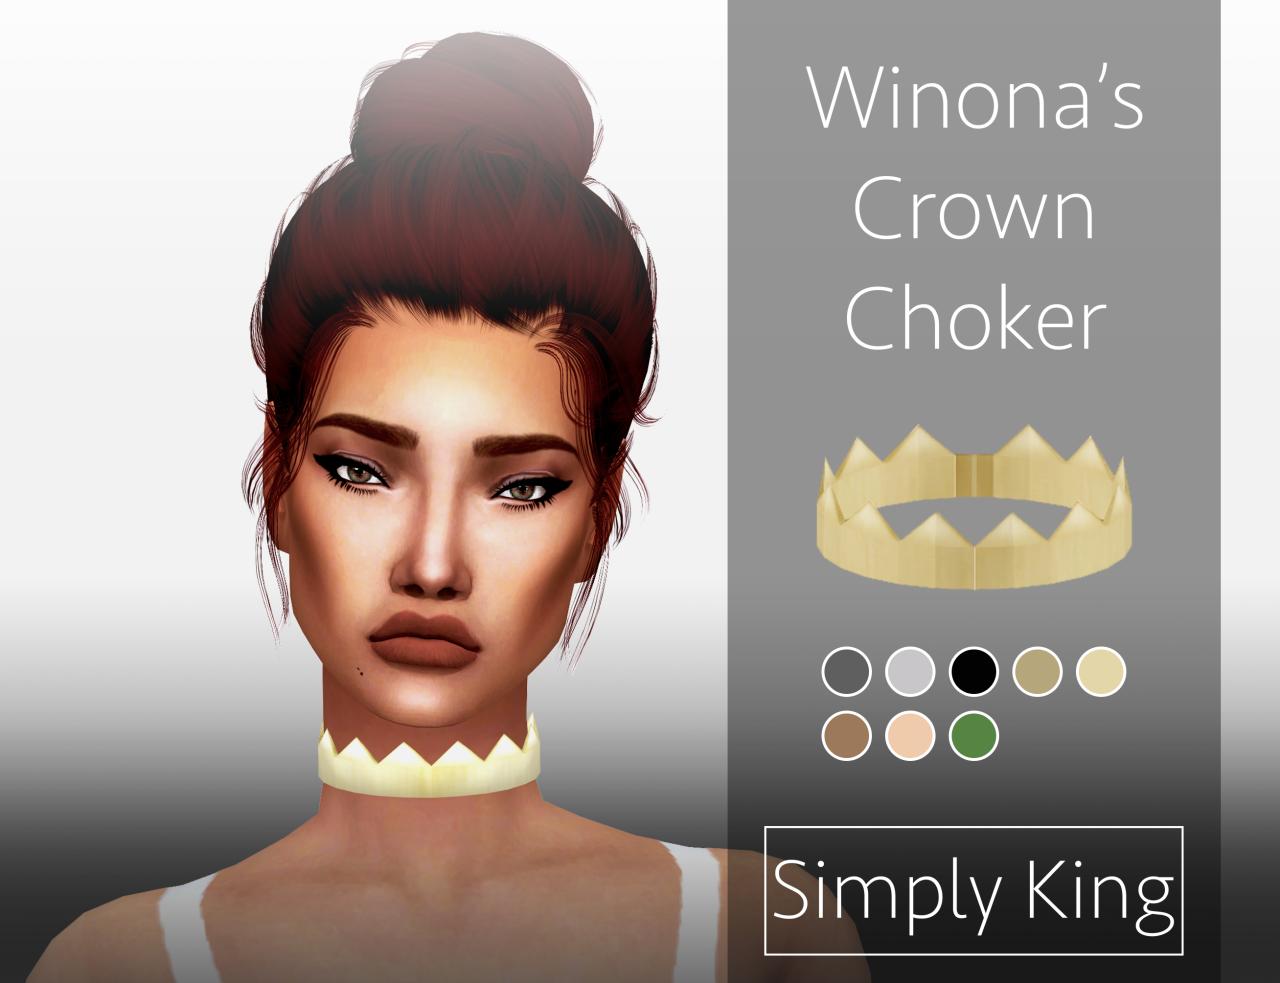 Winona's Crown Choker at Simply King via Sims 4 Updates